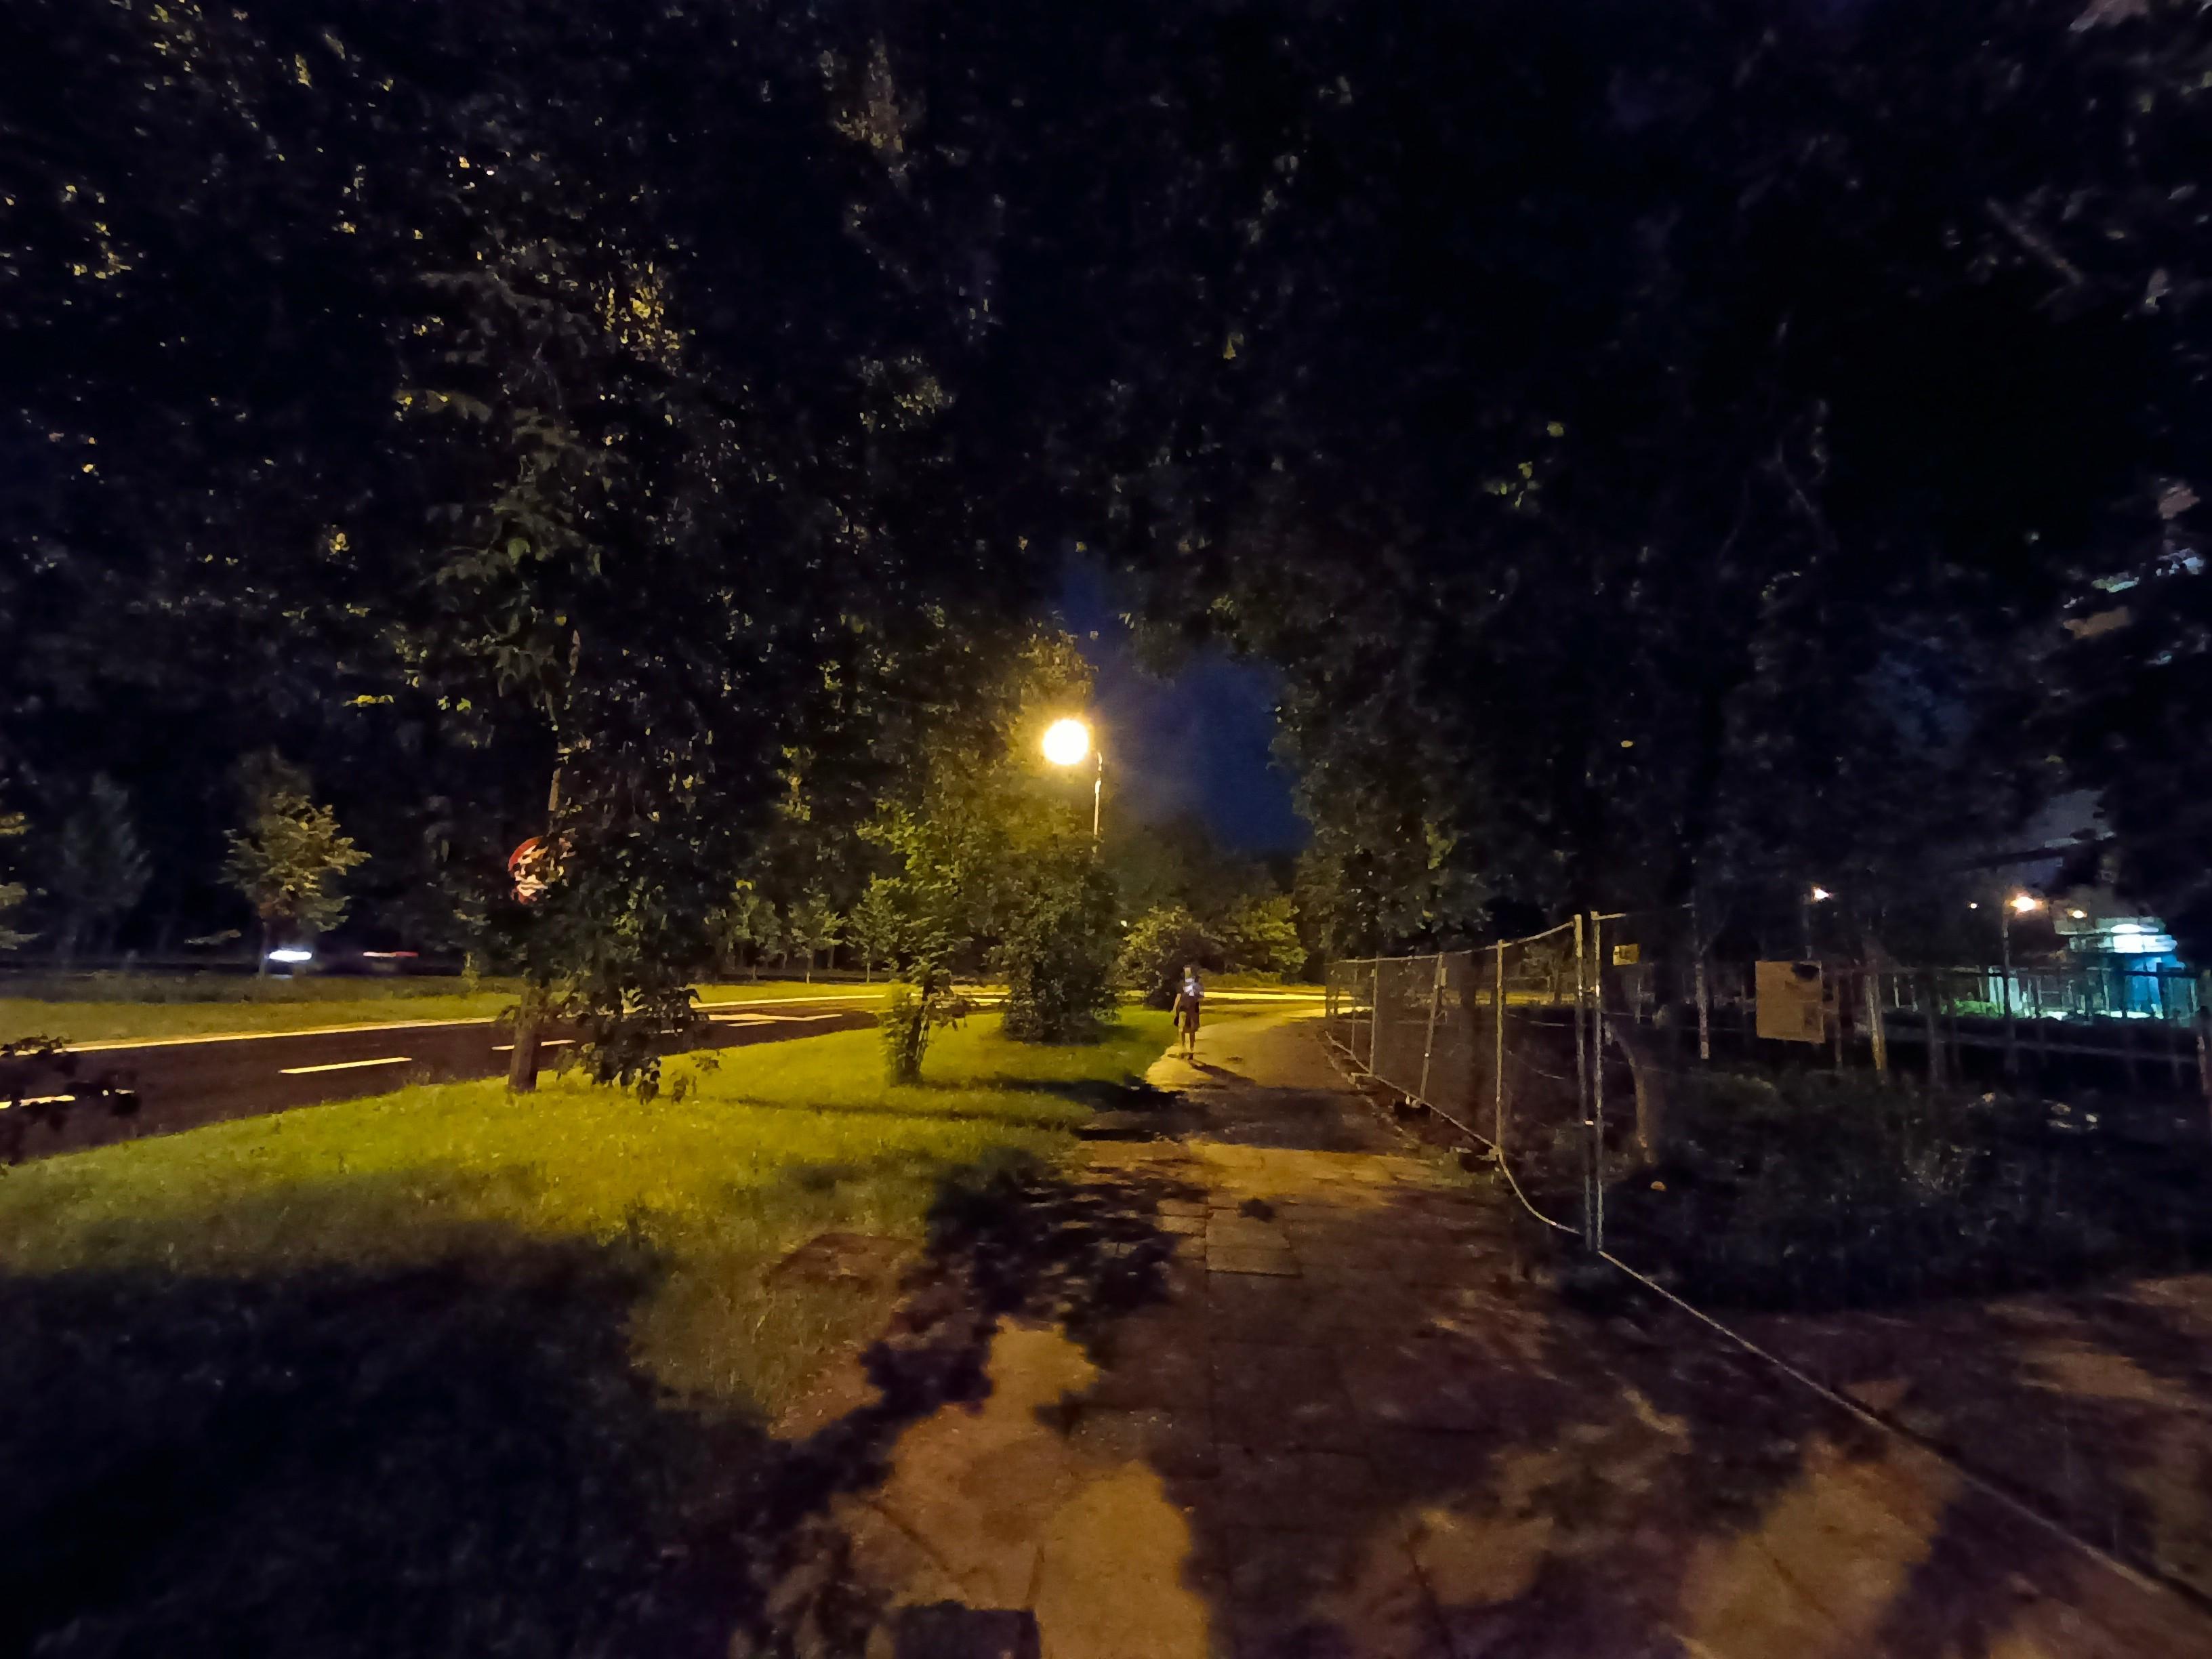 Recenzja Vivo Y72 5G - Noc - fot. Tabletowo.pl